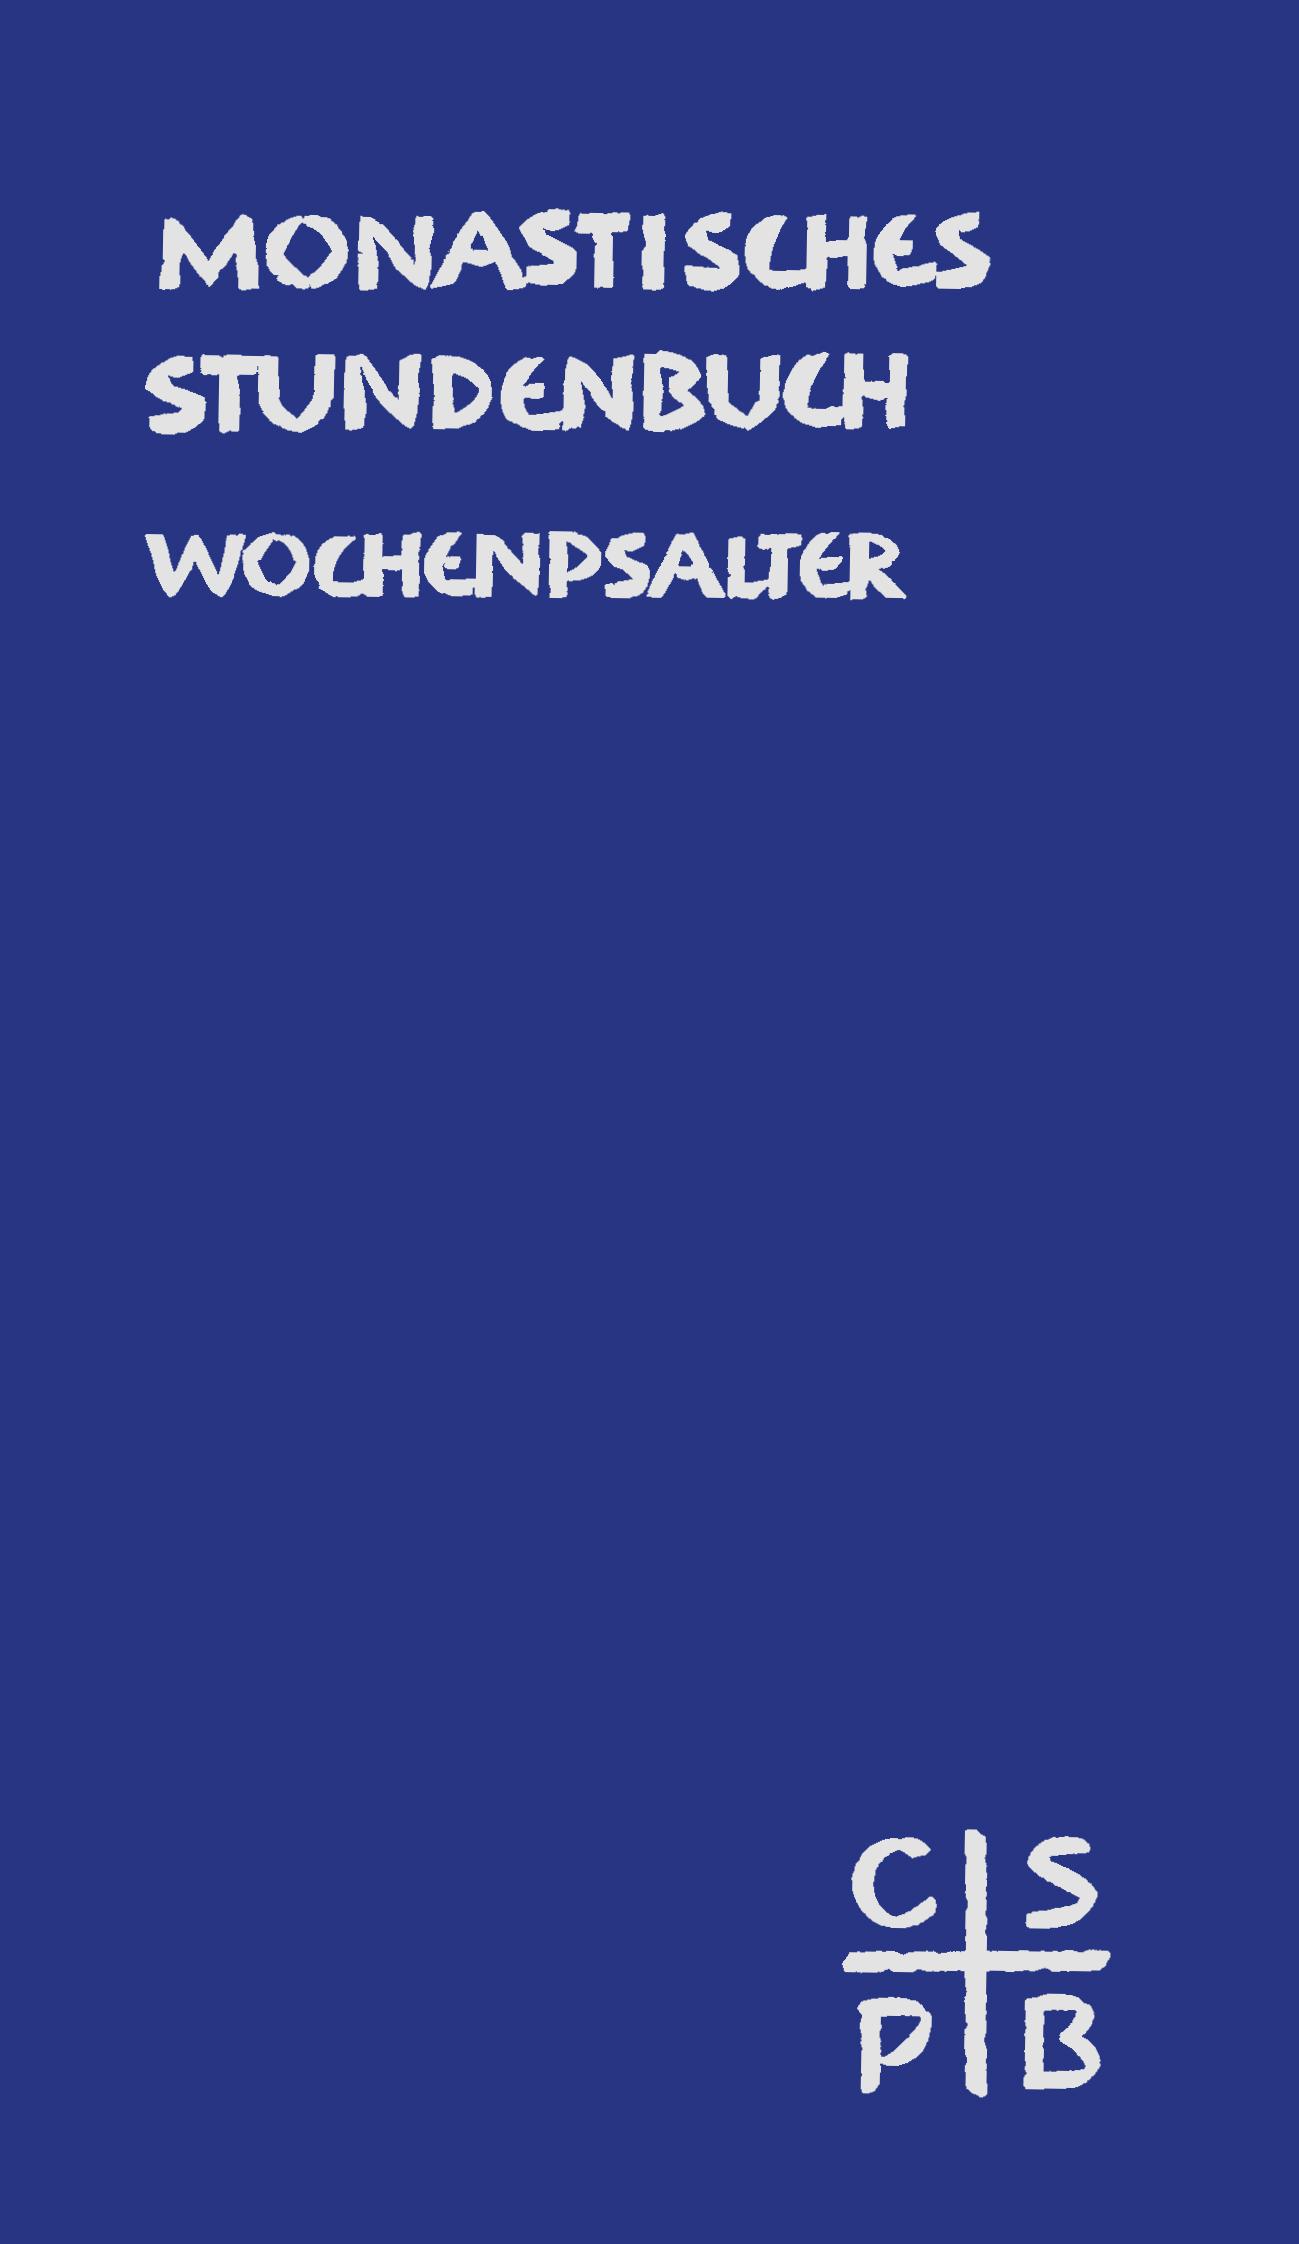 Monastisches Stundenbuch – Wochenpsalter (ebook)